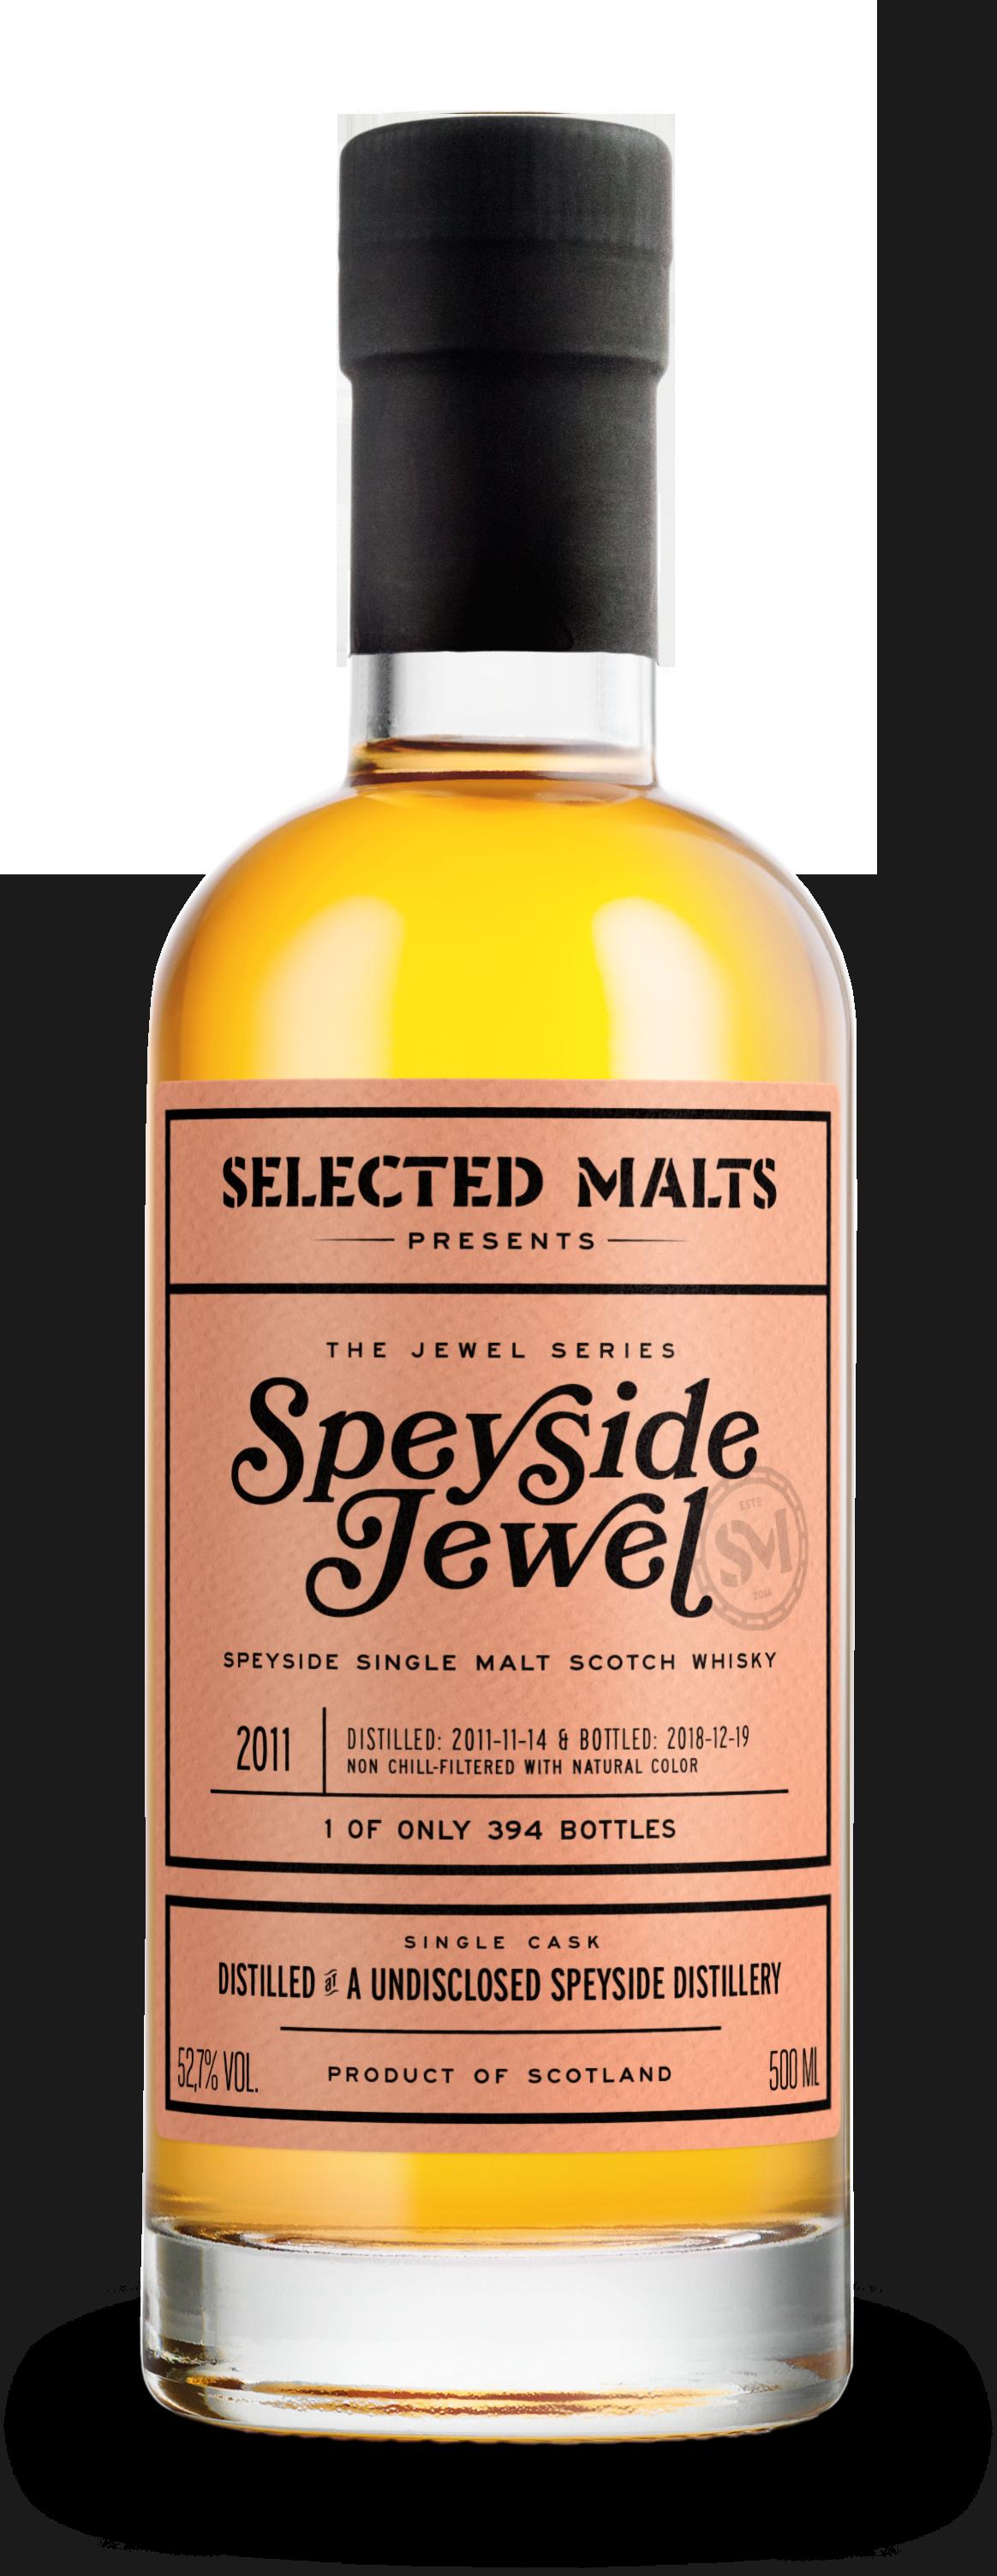 Speyside Jewel2011 - Innehåll: 500 mlAntal: 394ABV: 52,2%Lanserad: 2019-03-13LADDA NER INFOBLAD